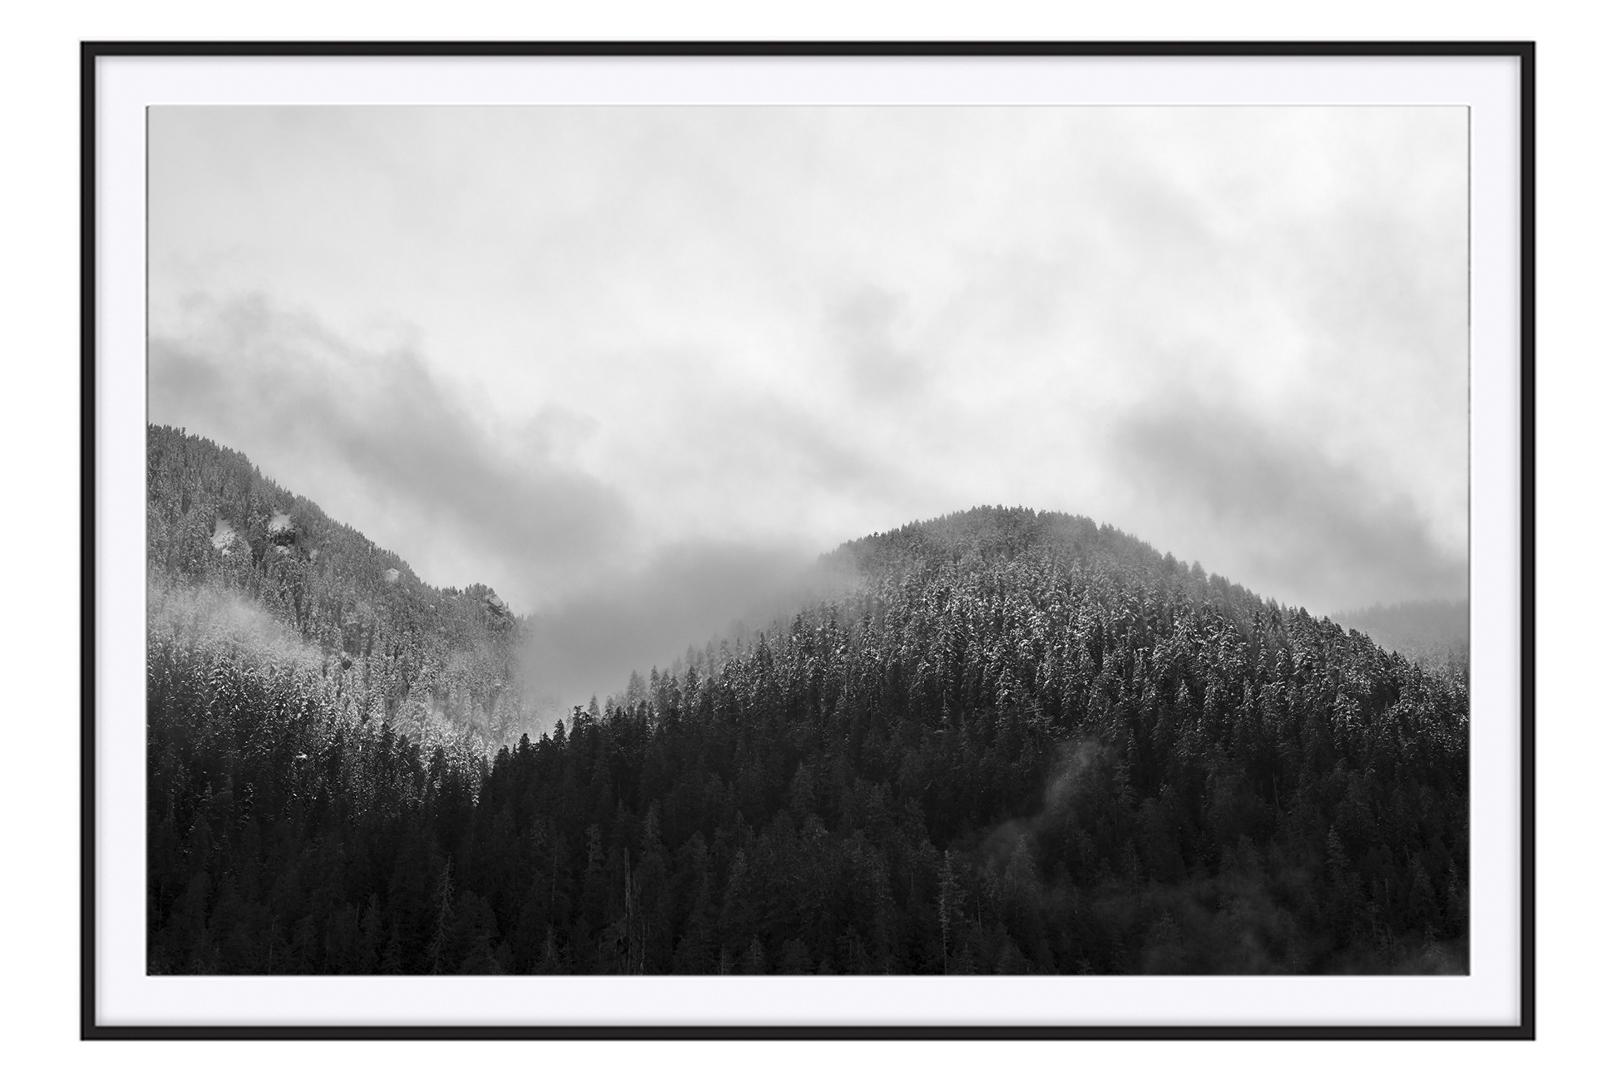 L1003329 framed - black.jpg